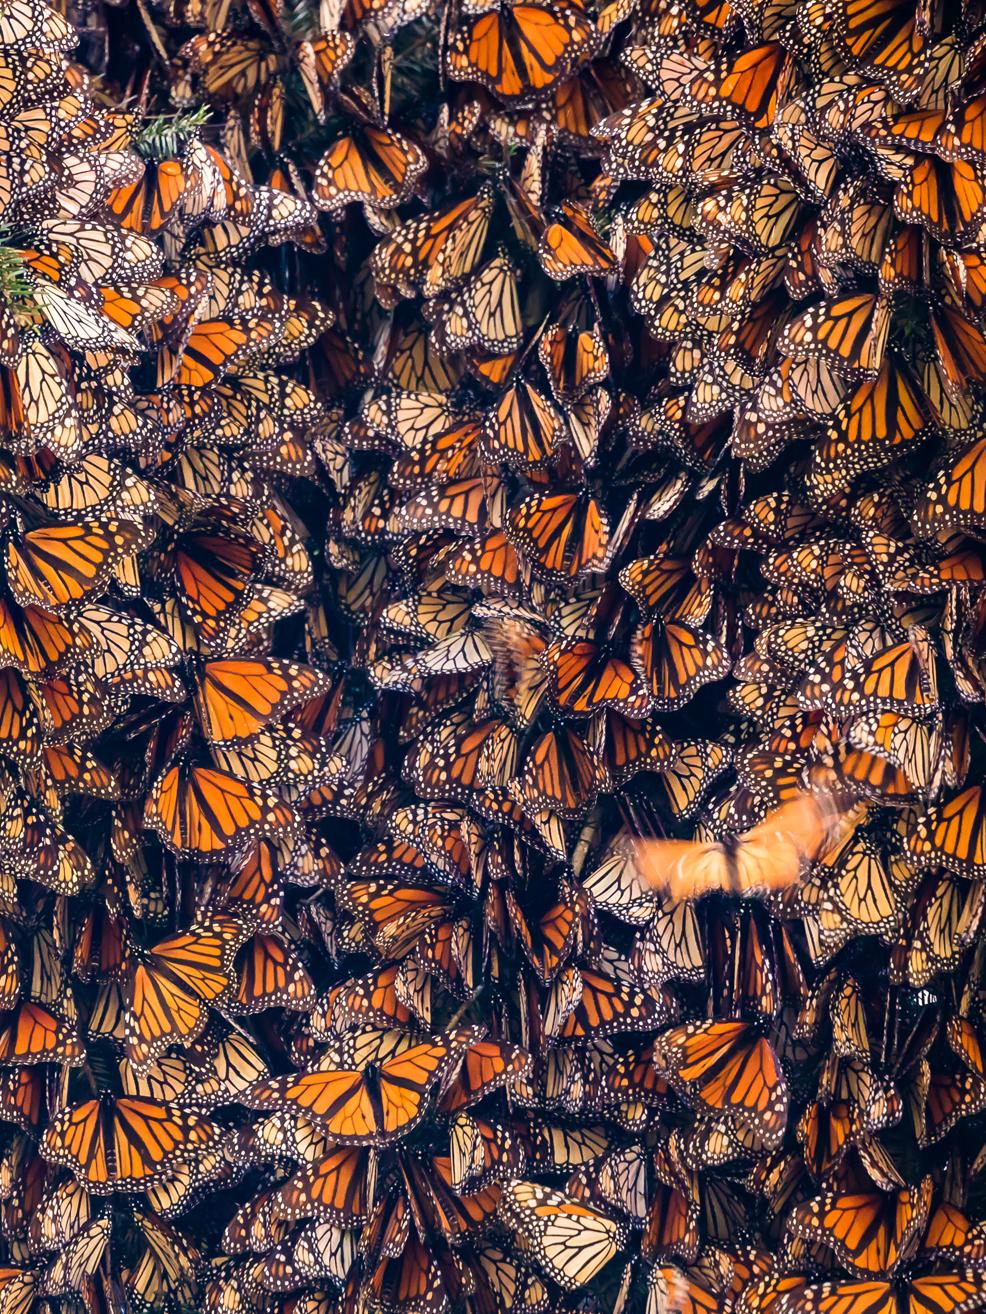 Monarch butterflies in a cluster